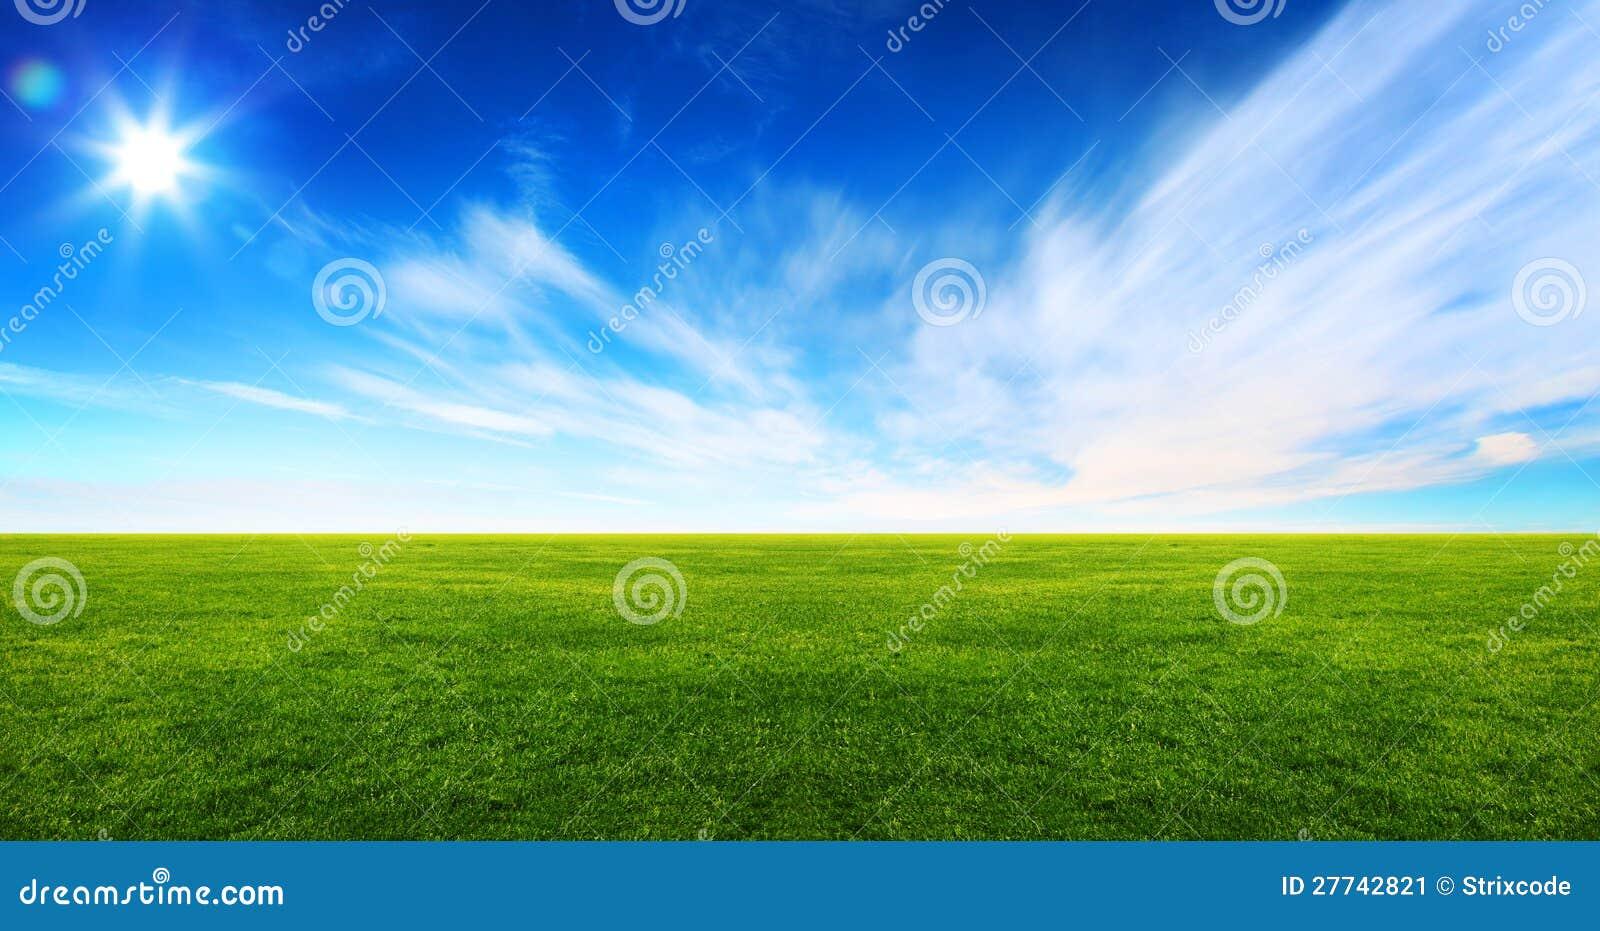 Imagen amplia del campo de hierba verde